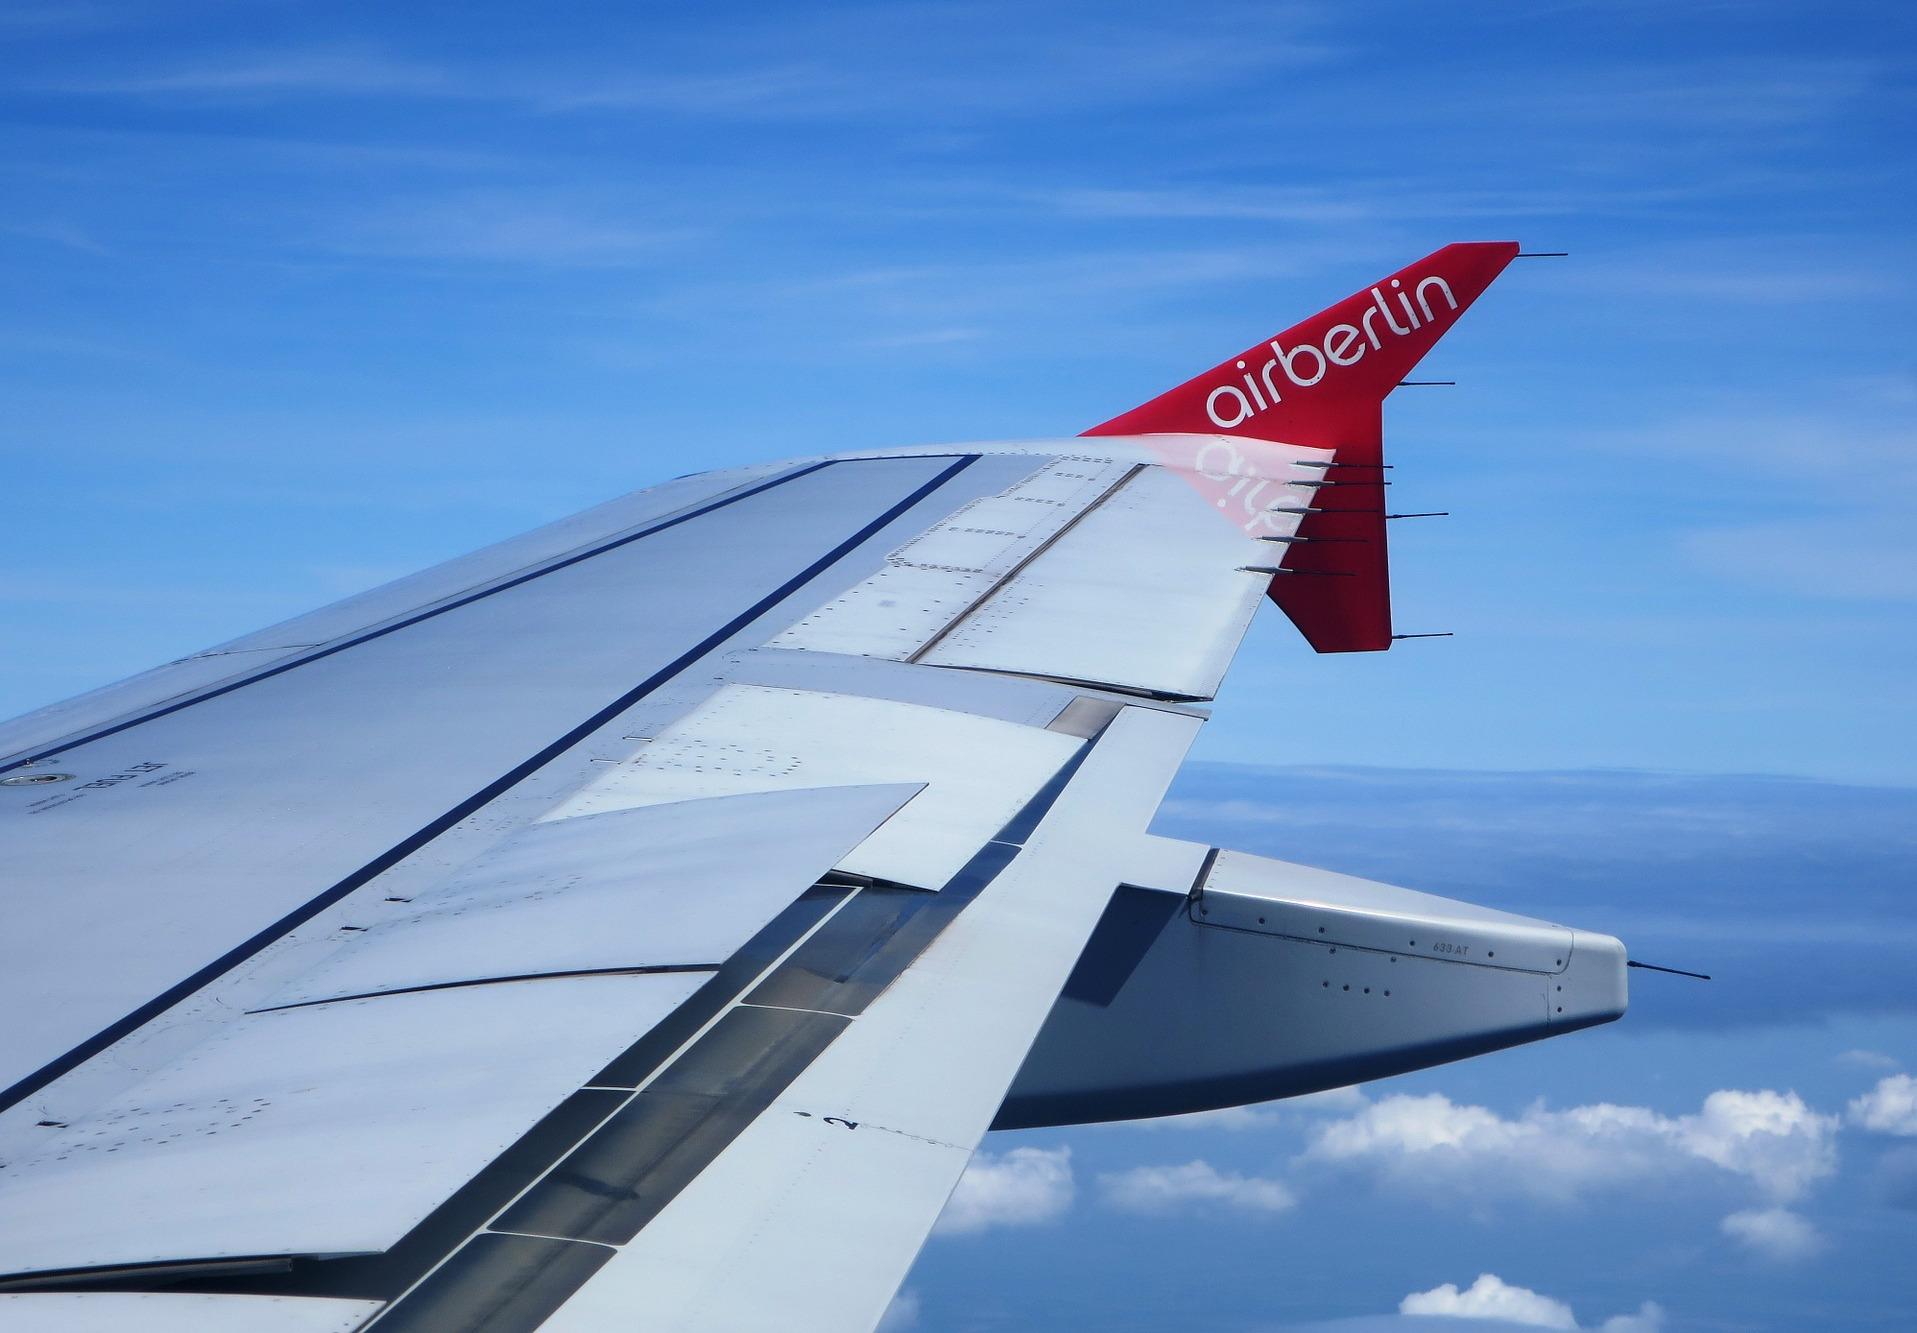 Sancionan a Air Berlín por su 902 para la atención a los usuarios, tras la denuncia de FACUA